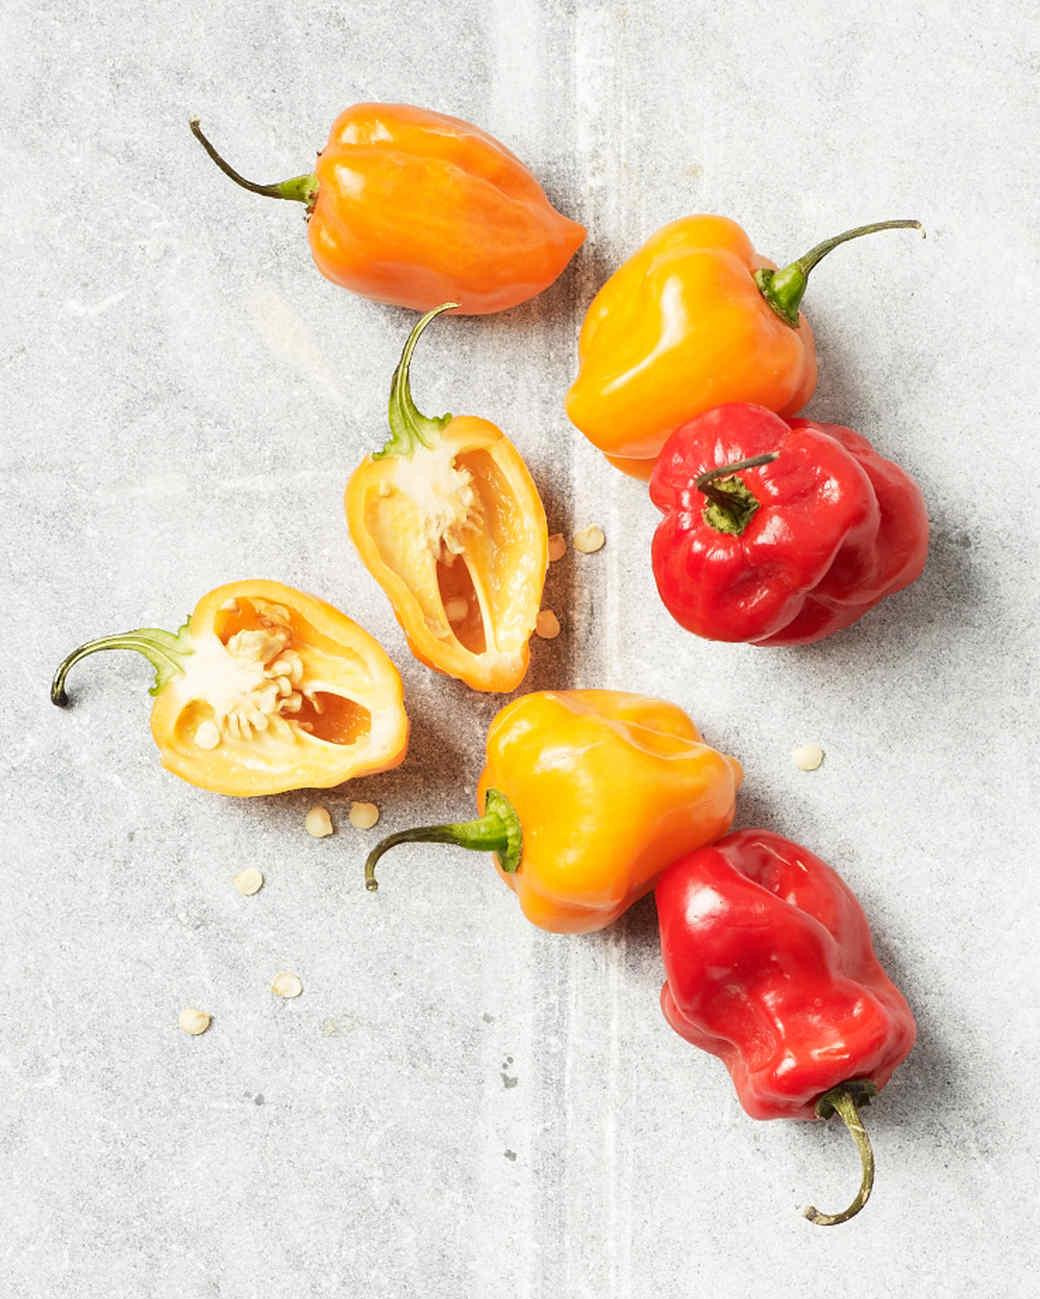 habanero-peppers-155-d110163.jpg